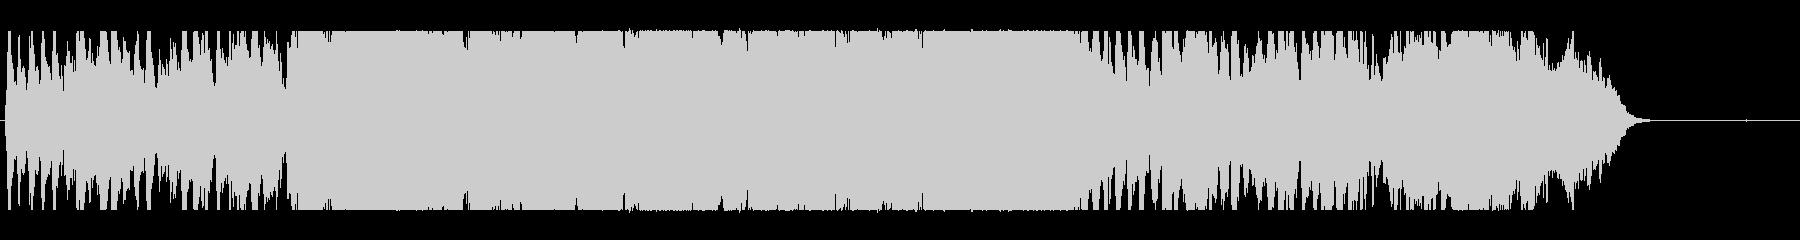 クリスマスクラシックのオーケストレ...の未再生の波形